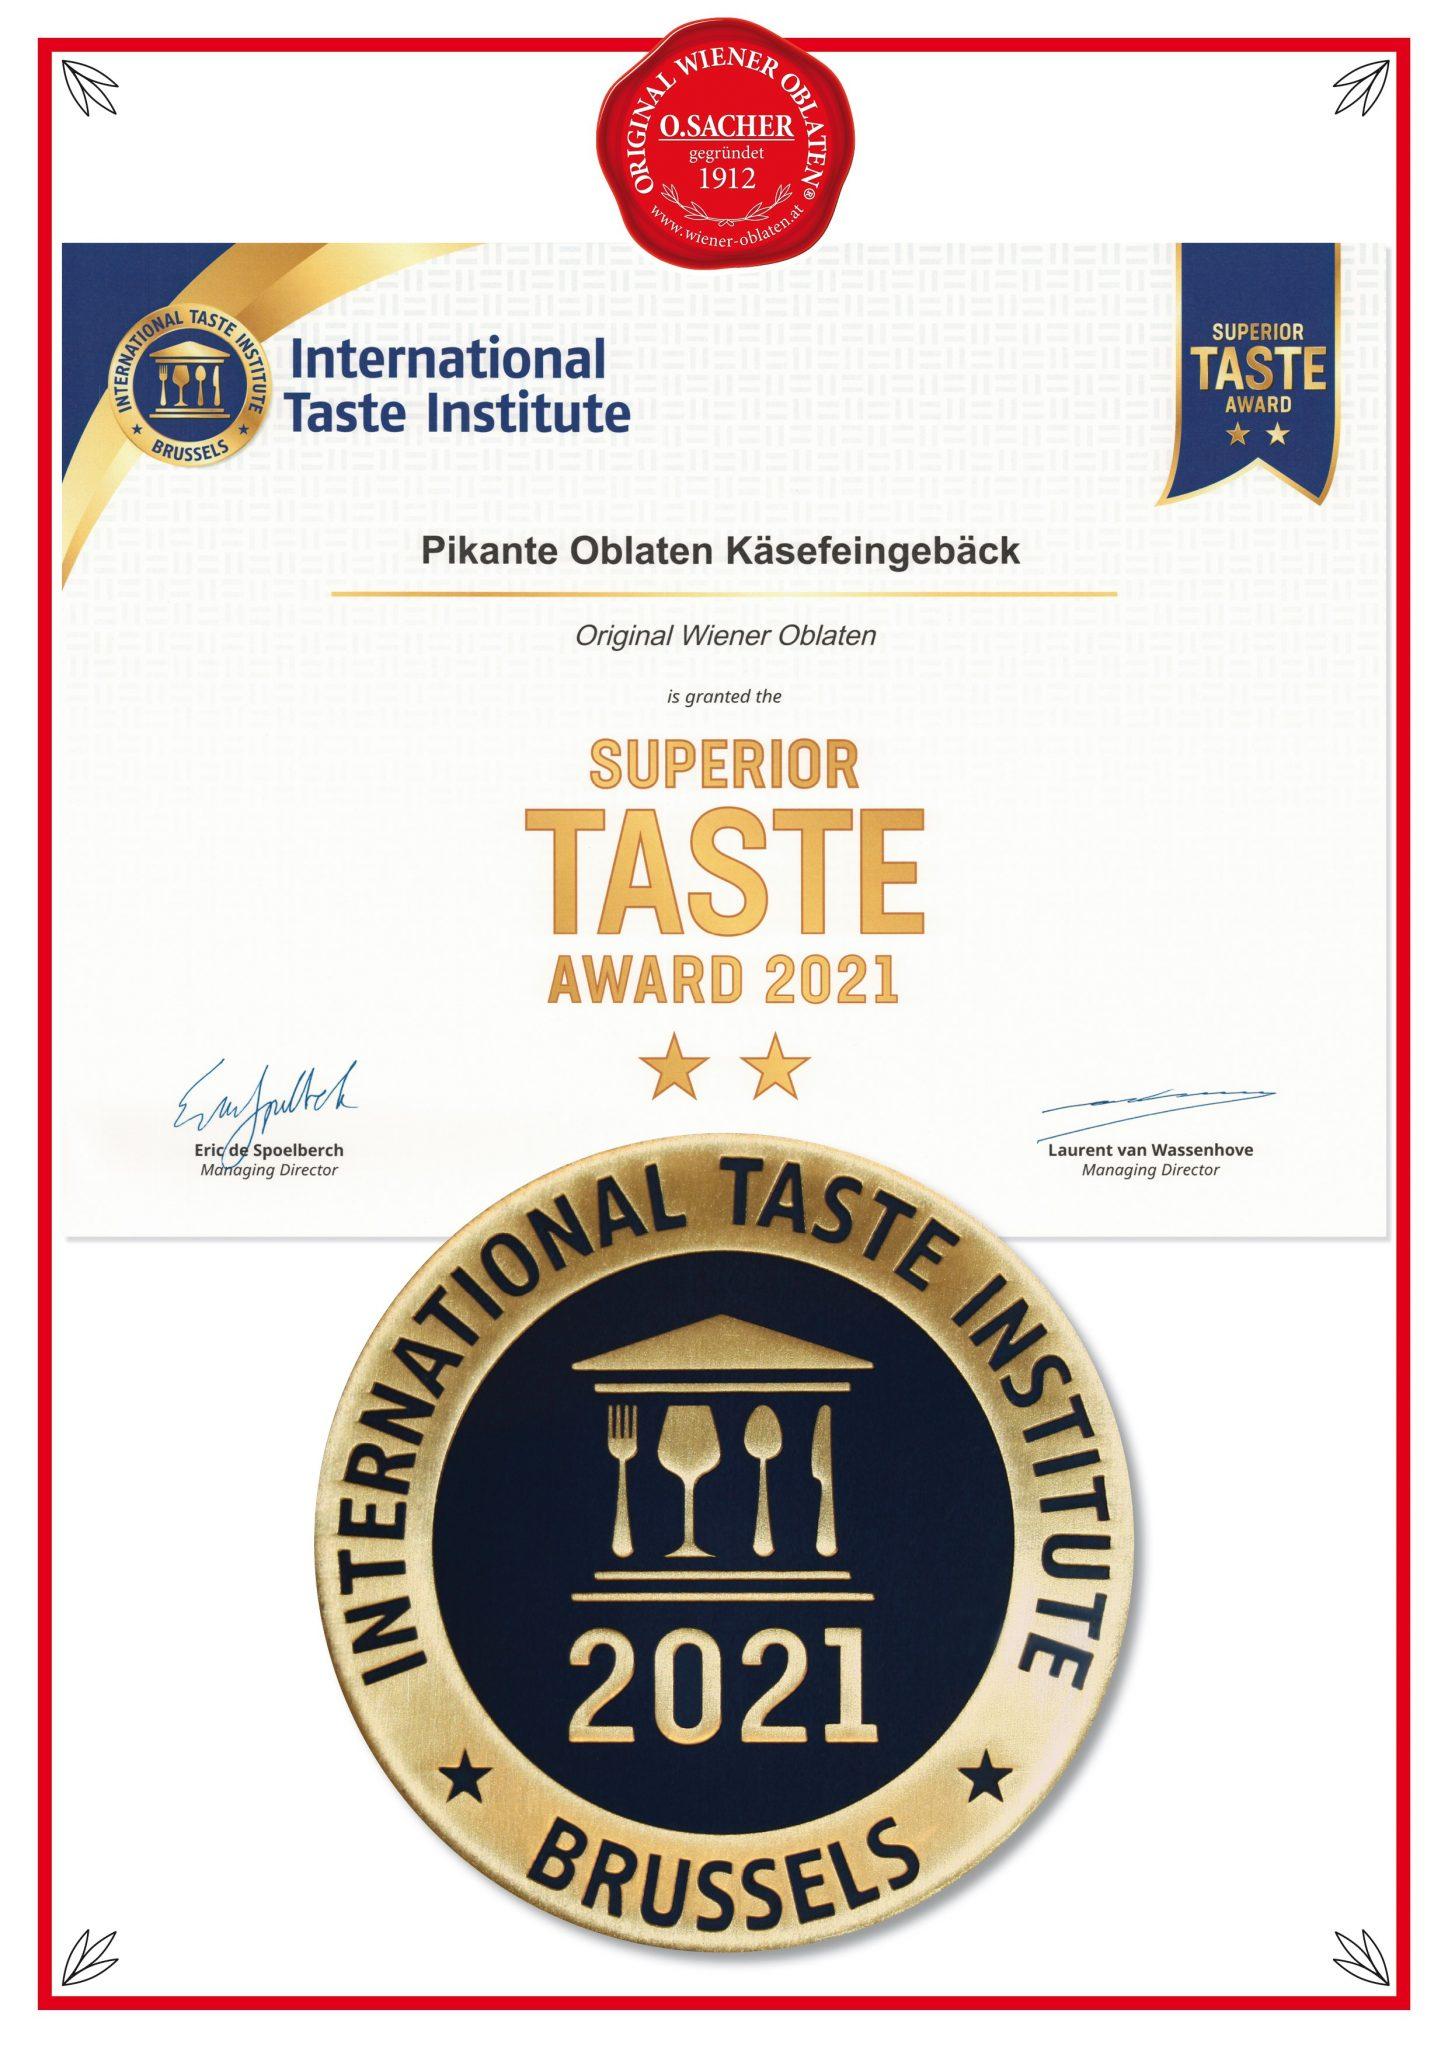 Super TASTE Award 2021 Pikante Oblaten Käsefeingebäck